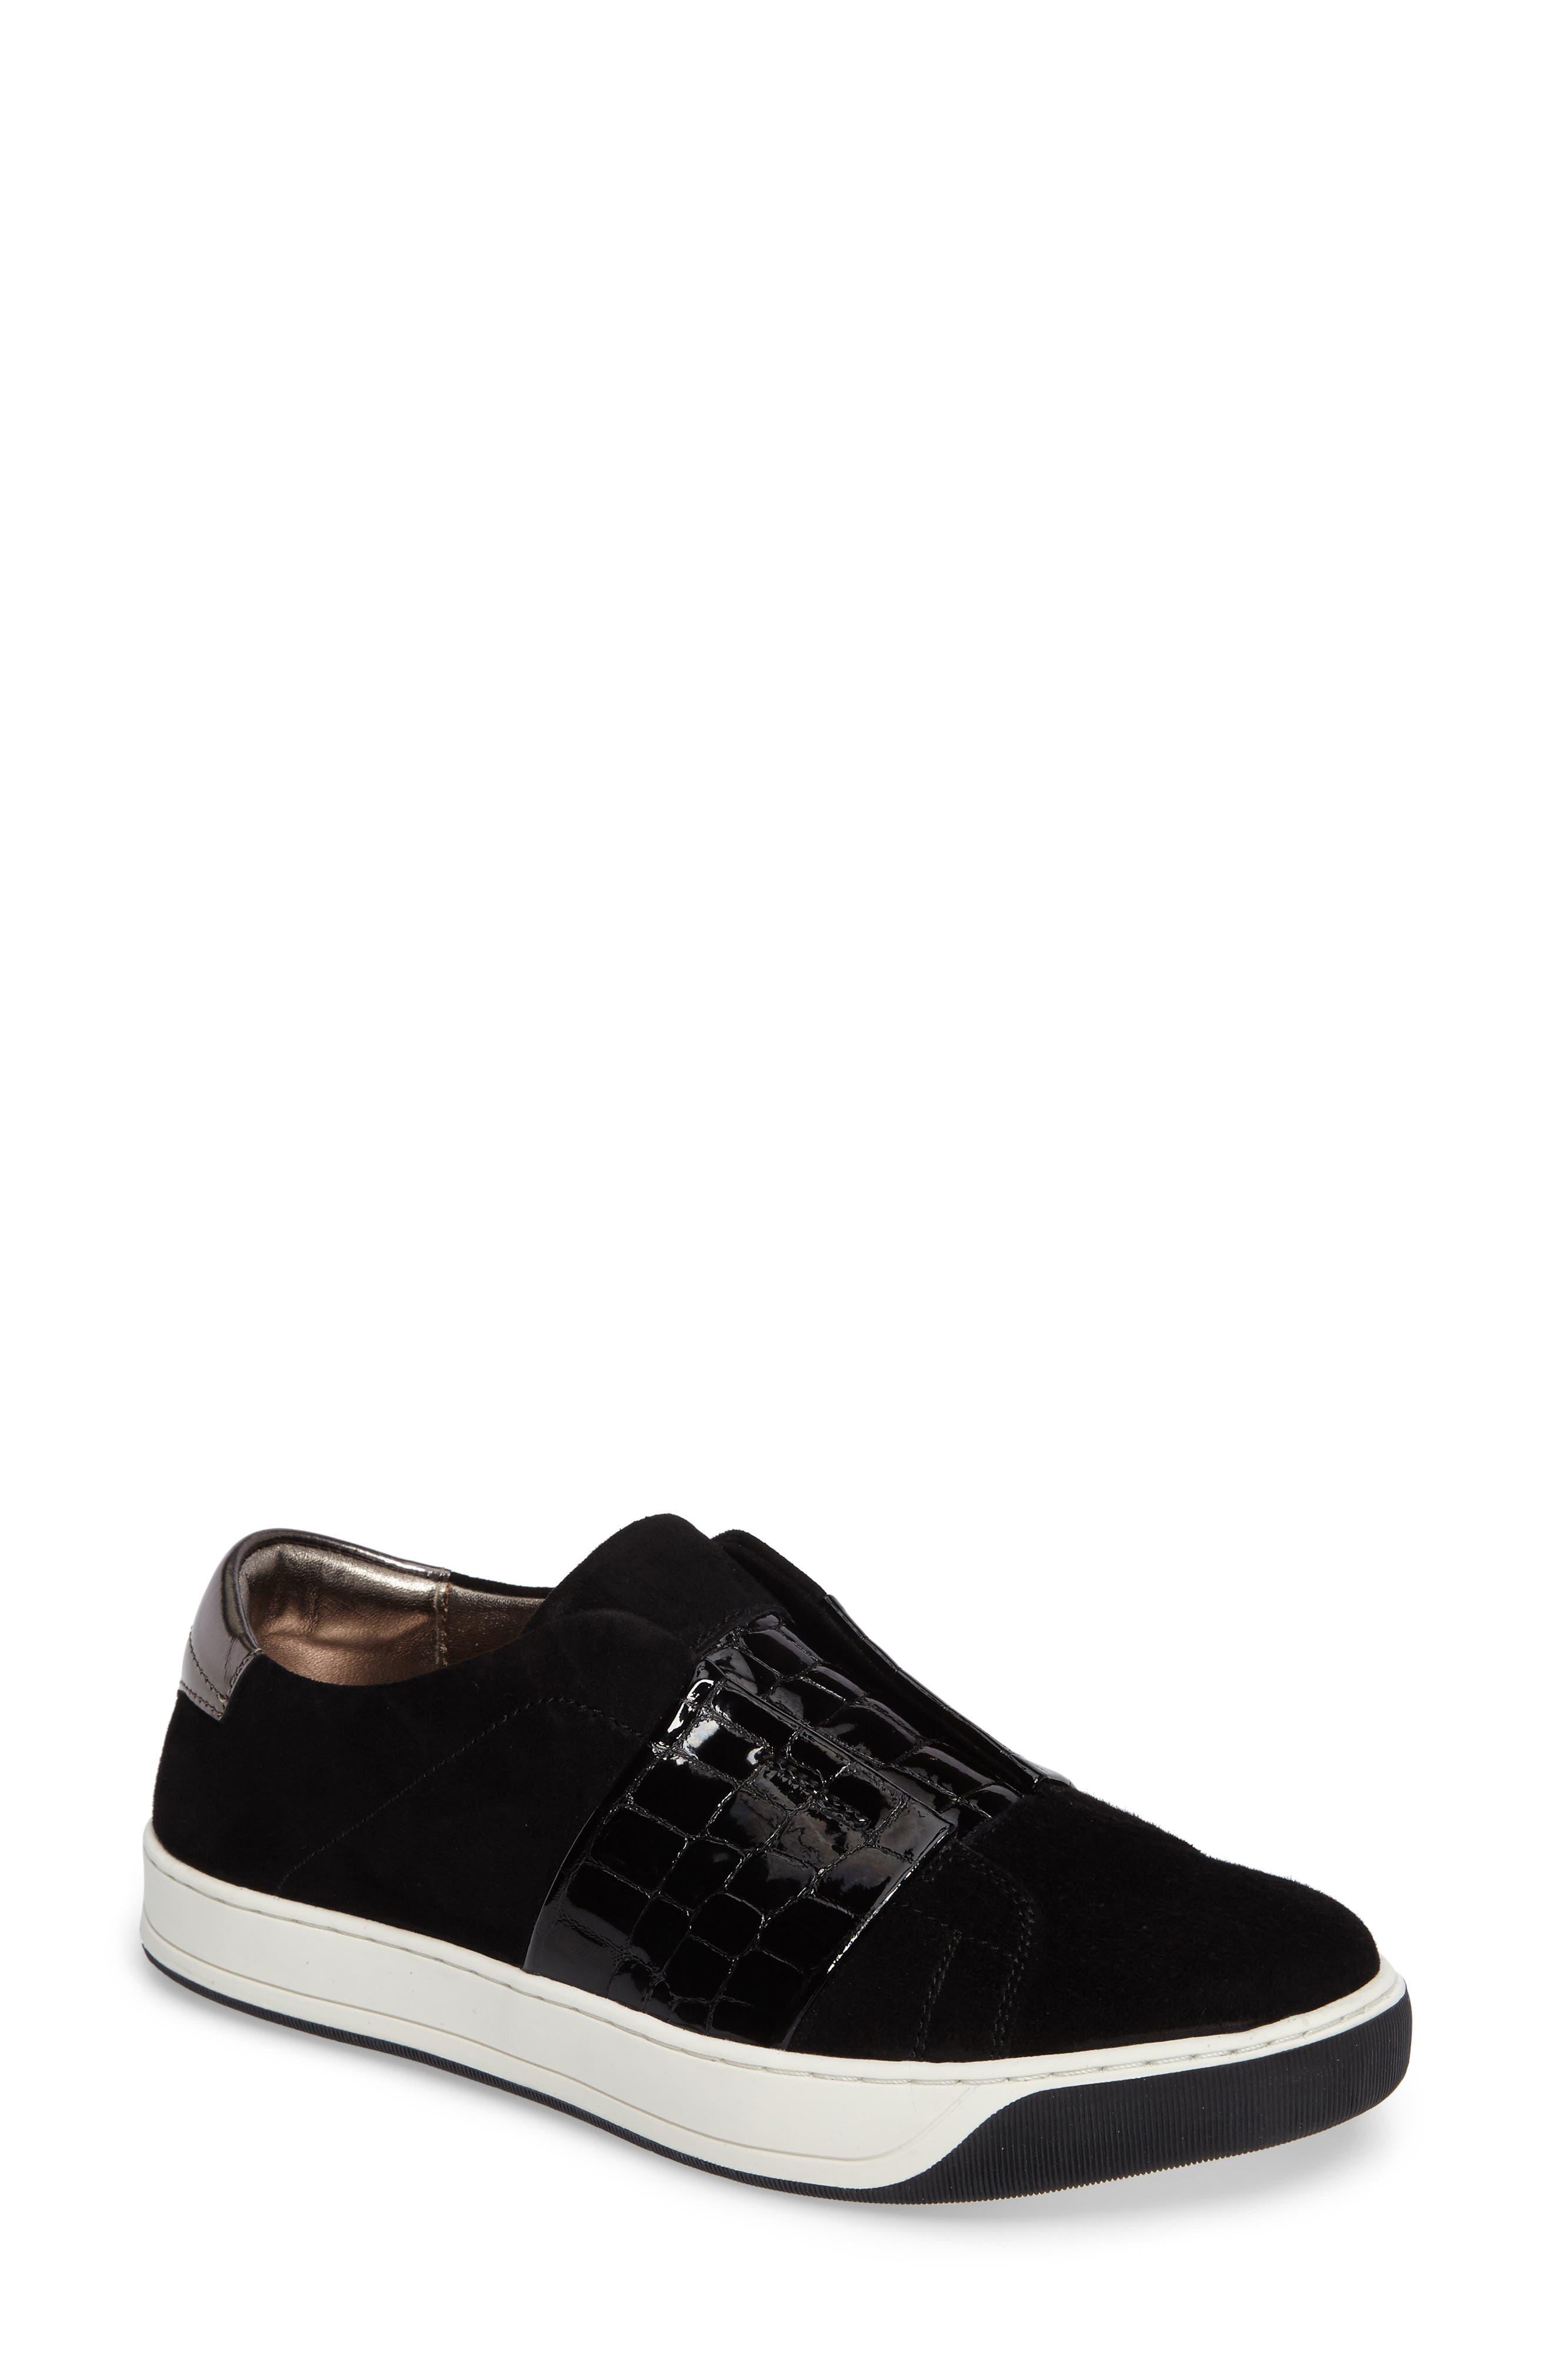 Johnston \u0026 Murphy Eden Slip-On Sneaker